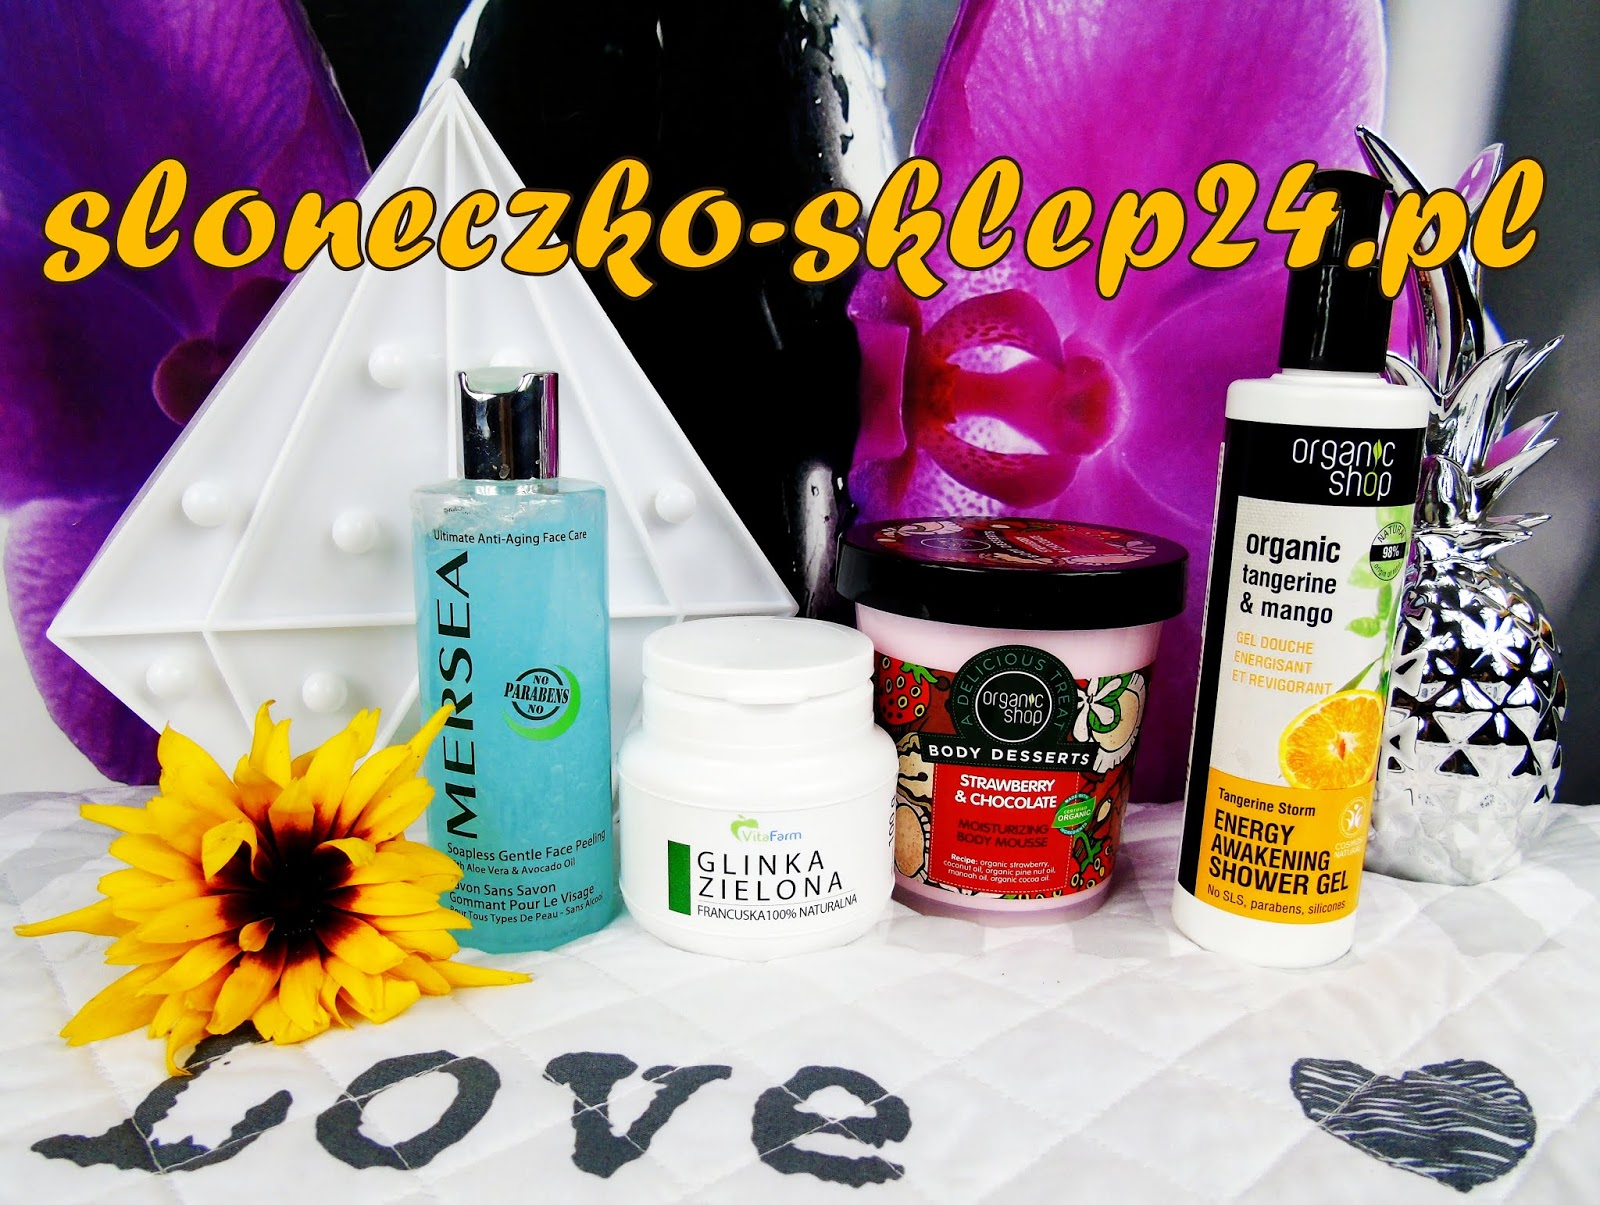 Moje kosmetyczne zakupy w sklepie internetowym www.sloneczko-sklep24.pl